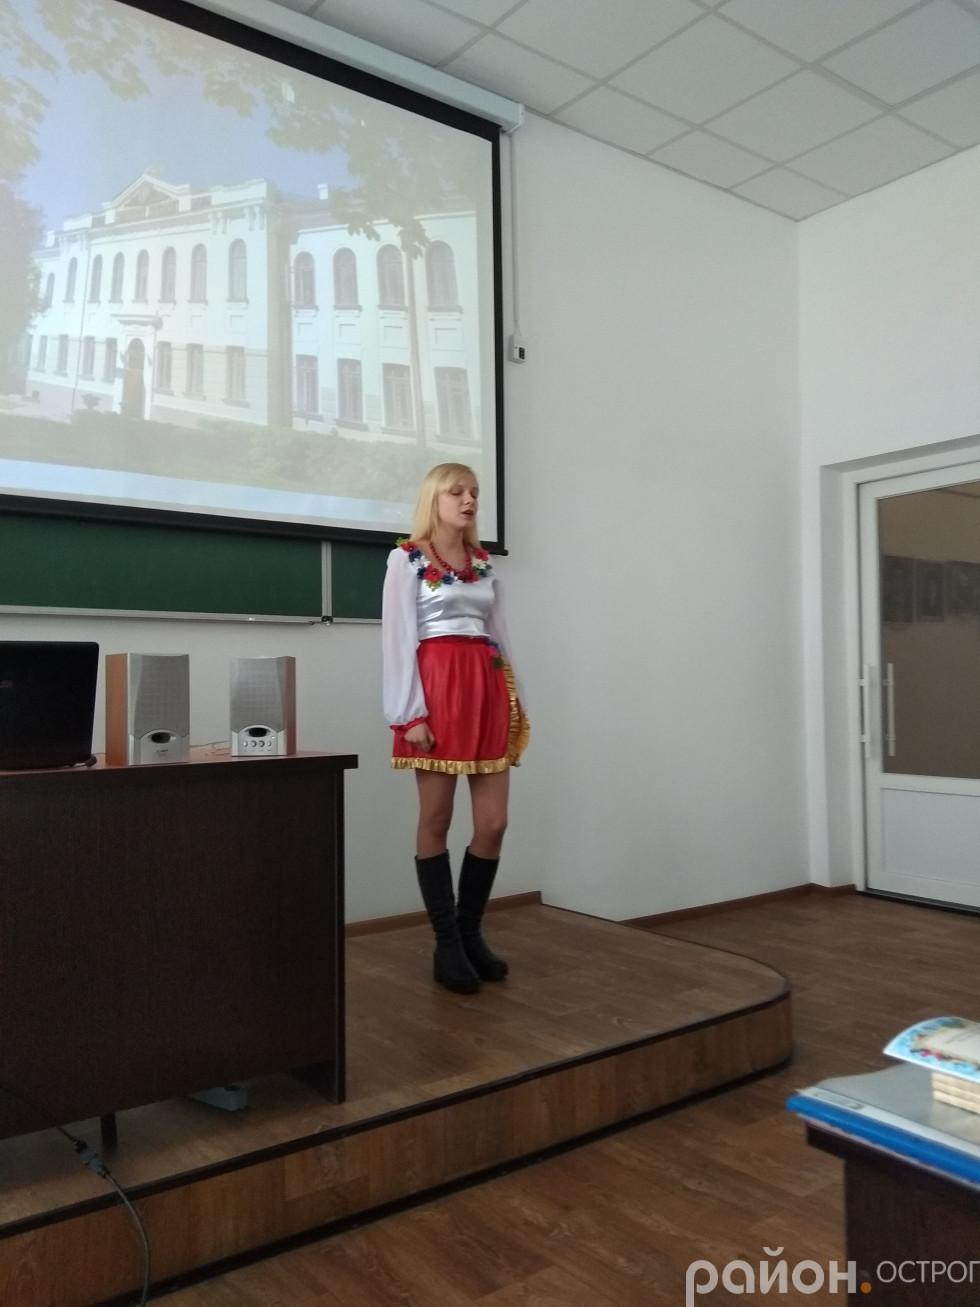 Дубінчук Марія, учениця Острозької ЗОШ №3 читає поезію